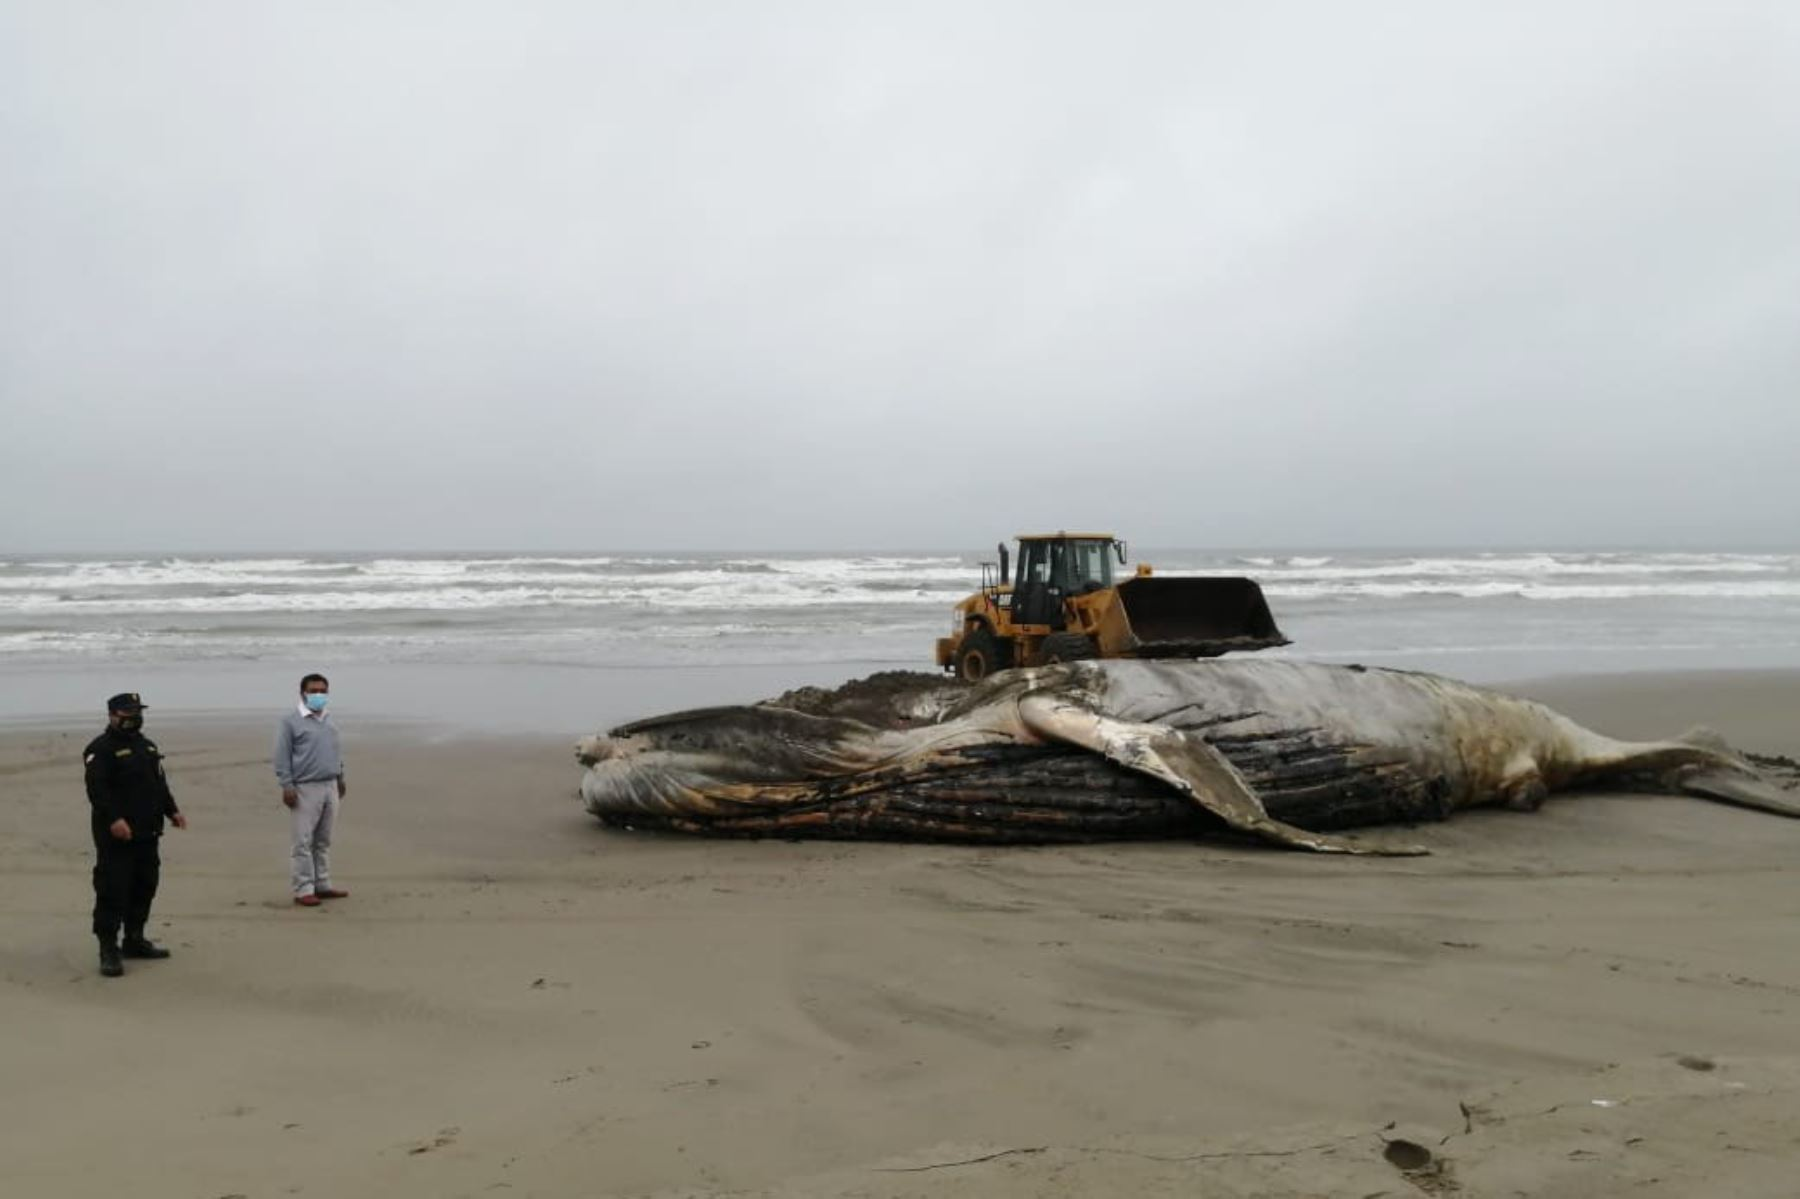 Ballena jorobada varada en el mar de Lambayeque se encontraba en avanzado estado de descomposición. Foto: ANDINA/Difusión